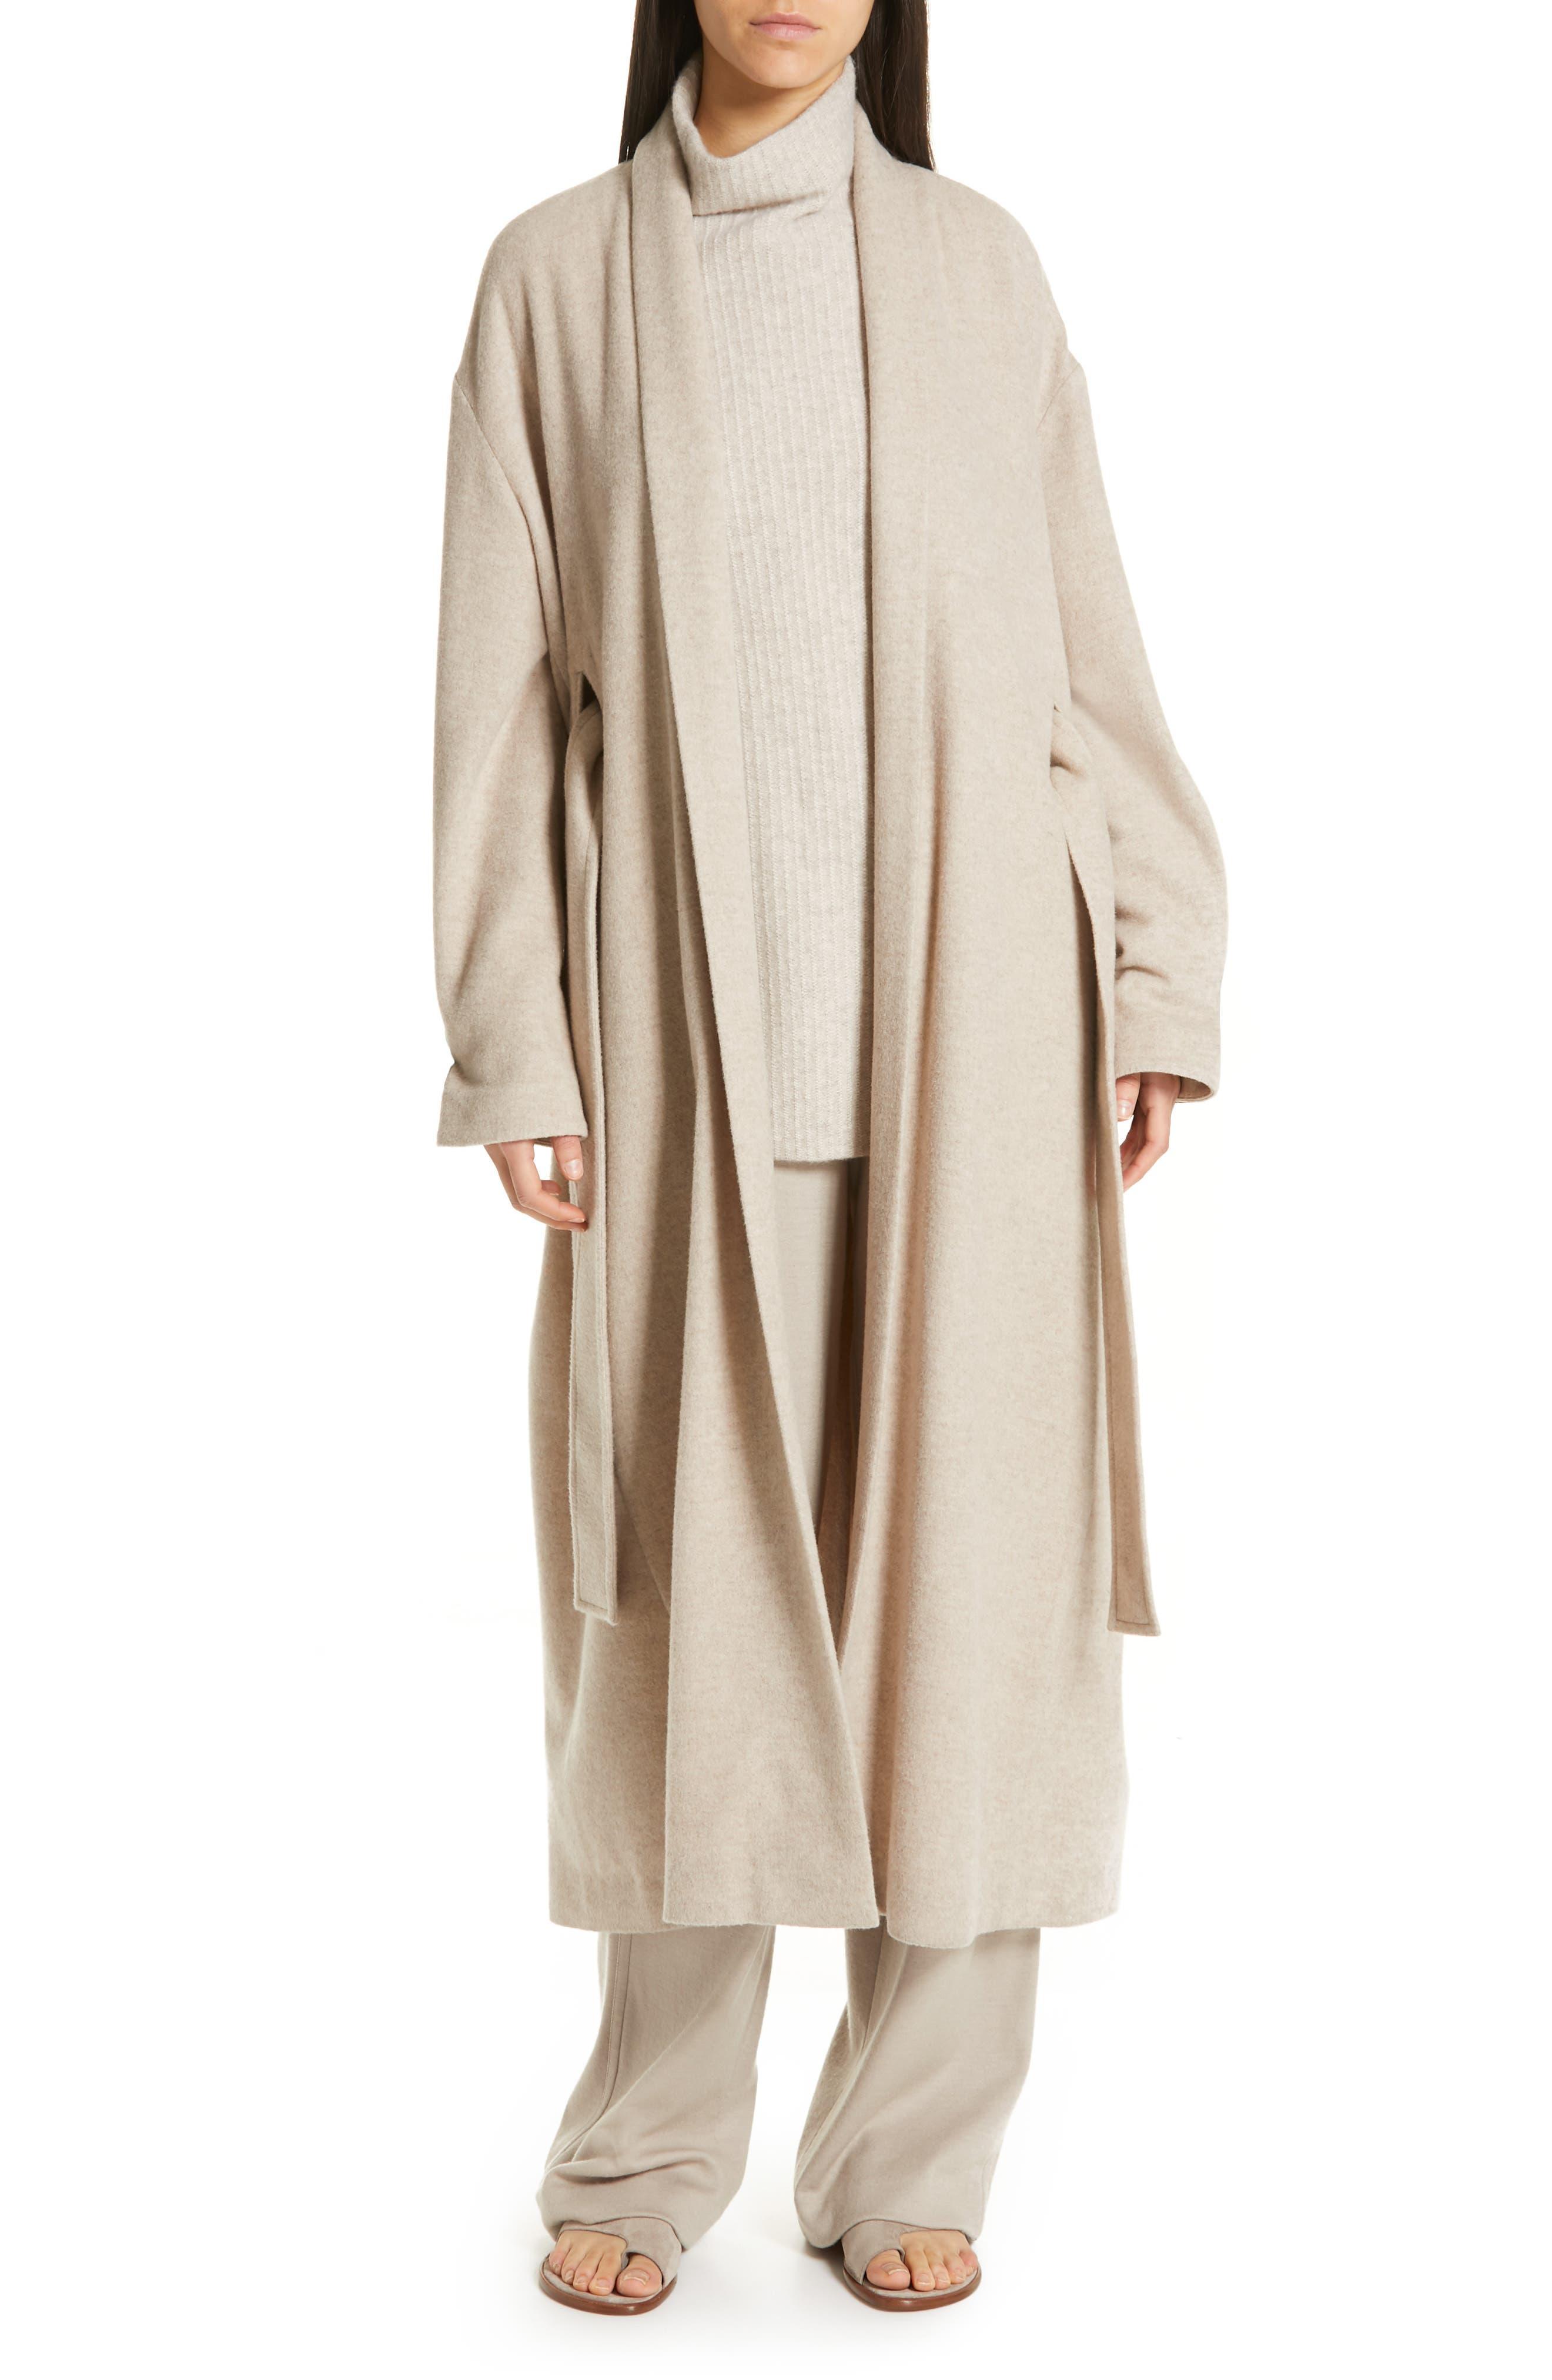 VINCE, Wool Blend Wrap Coat, Main thumbnail 1, color, H SHALE